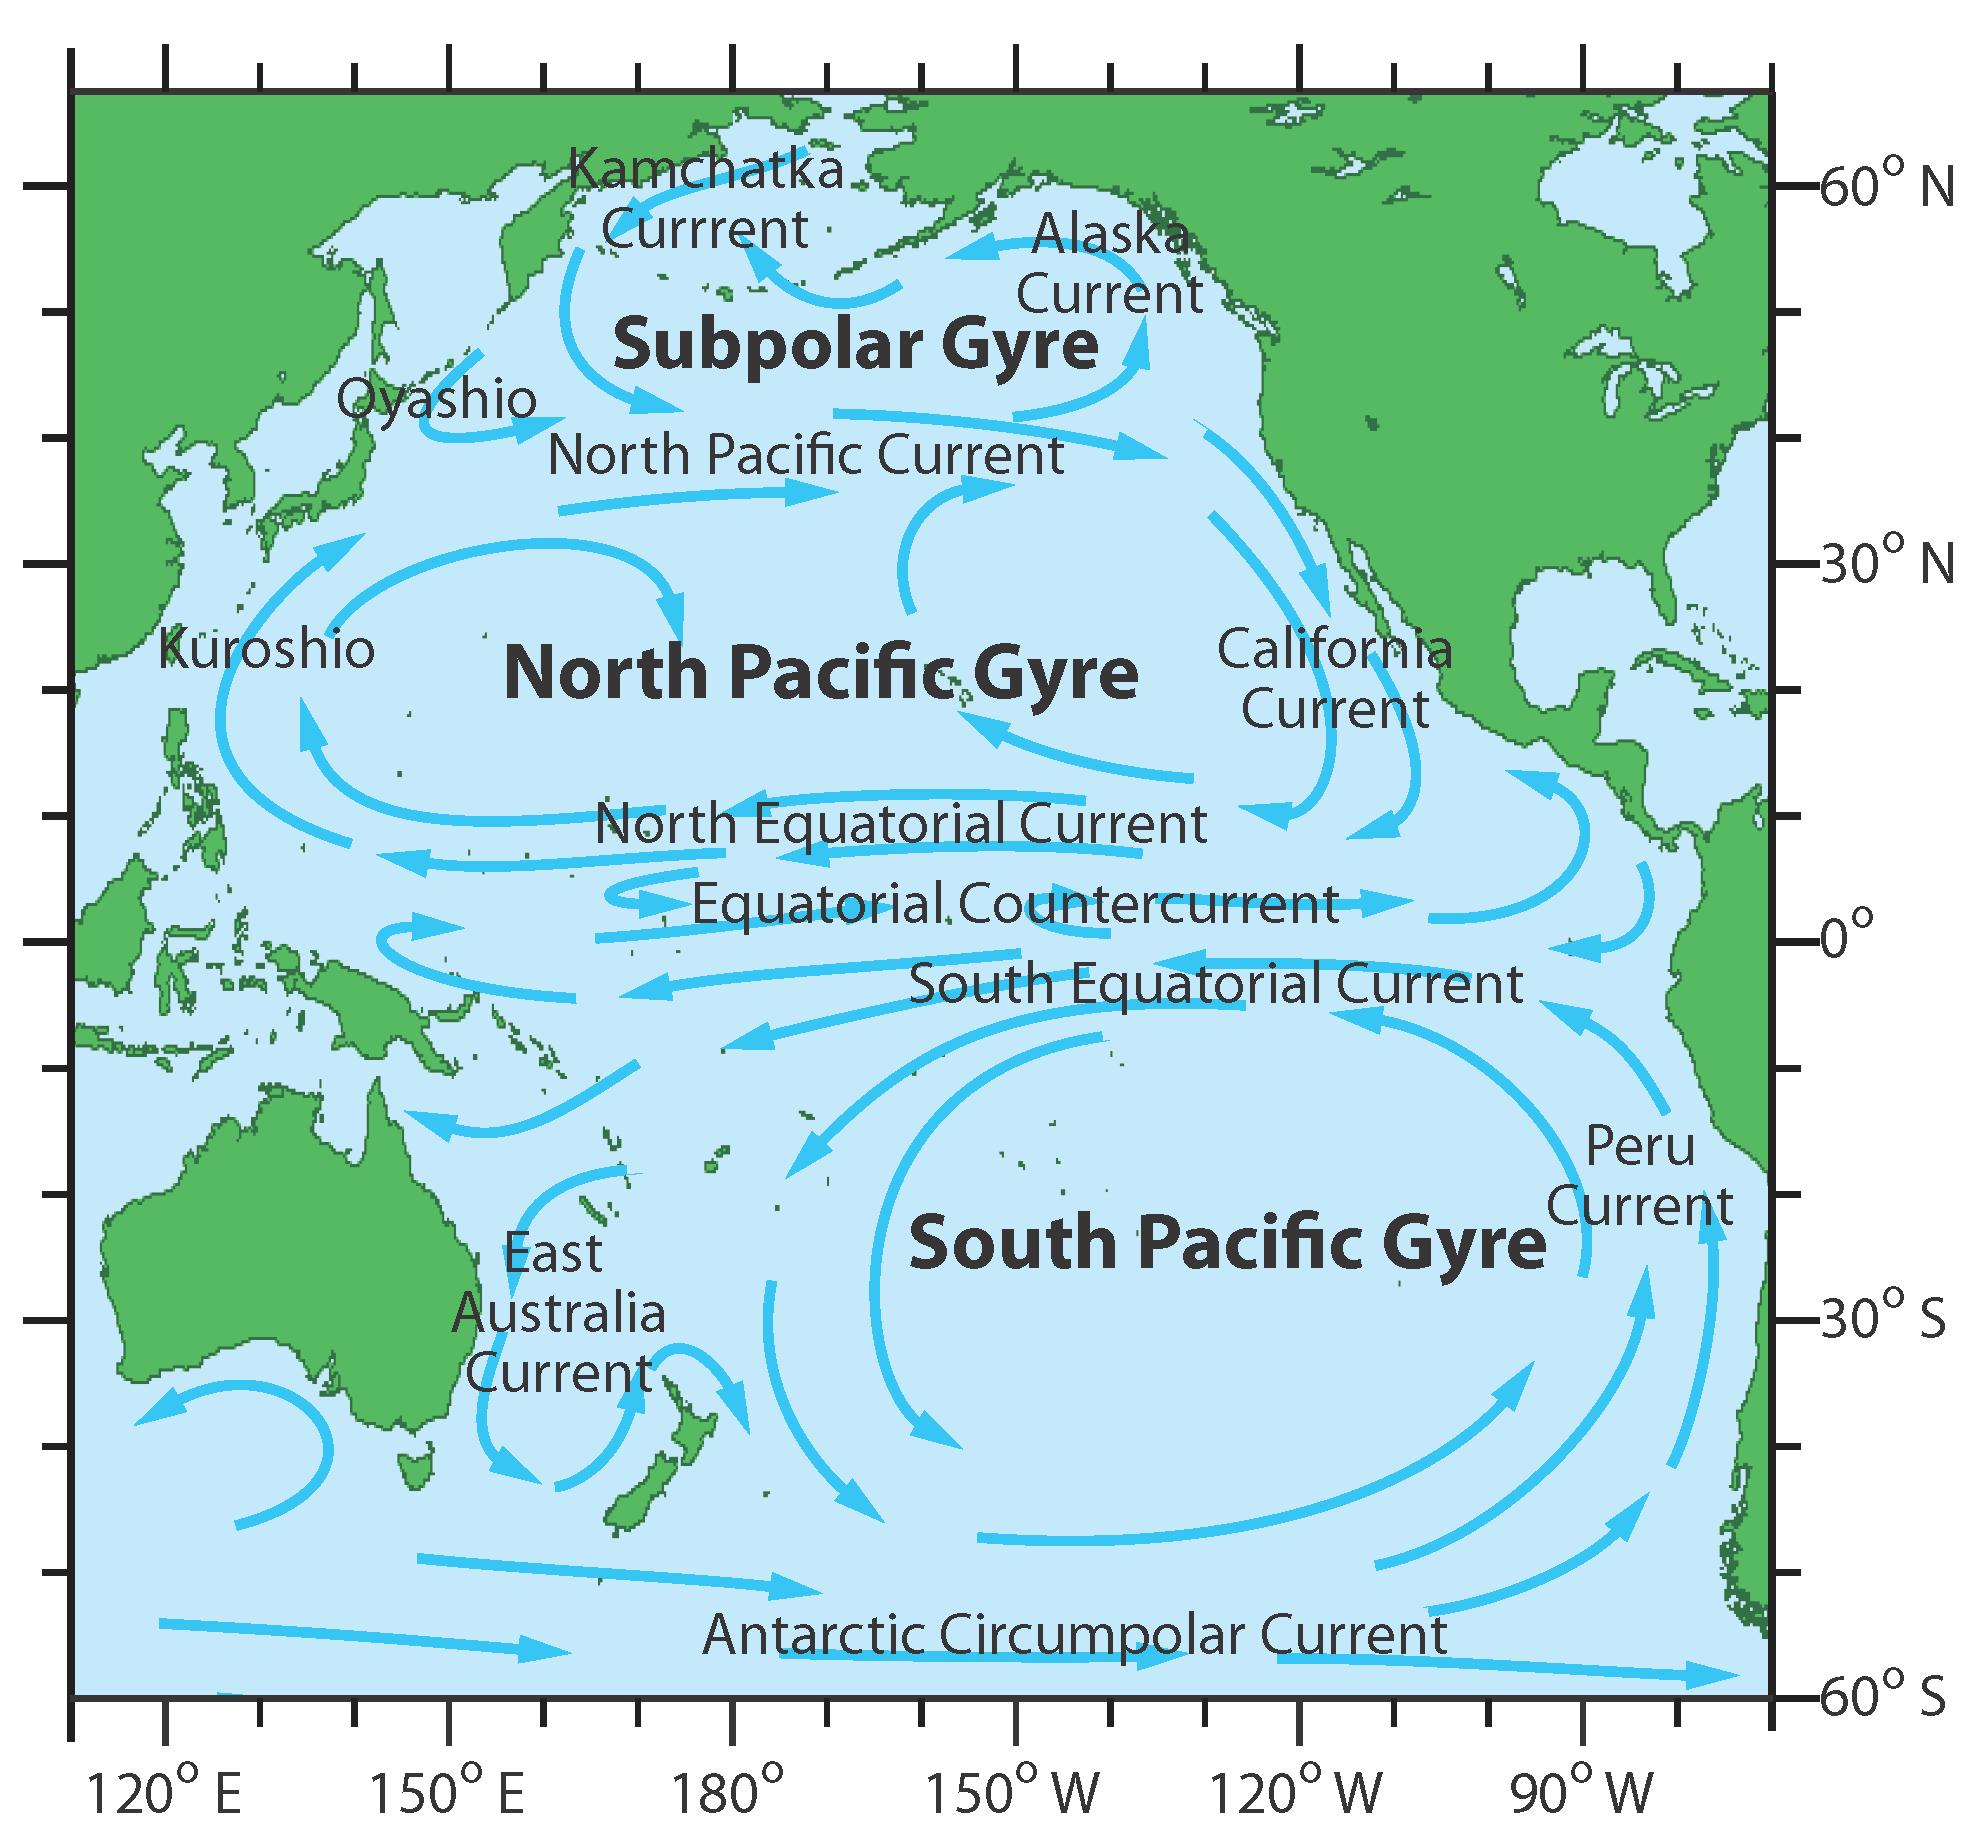 Major Currents